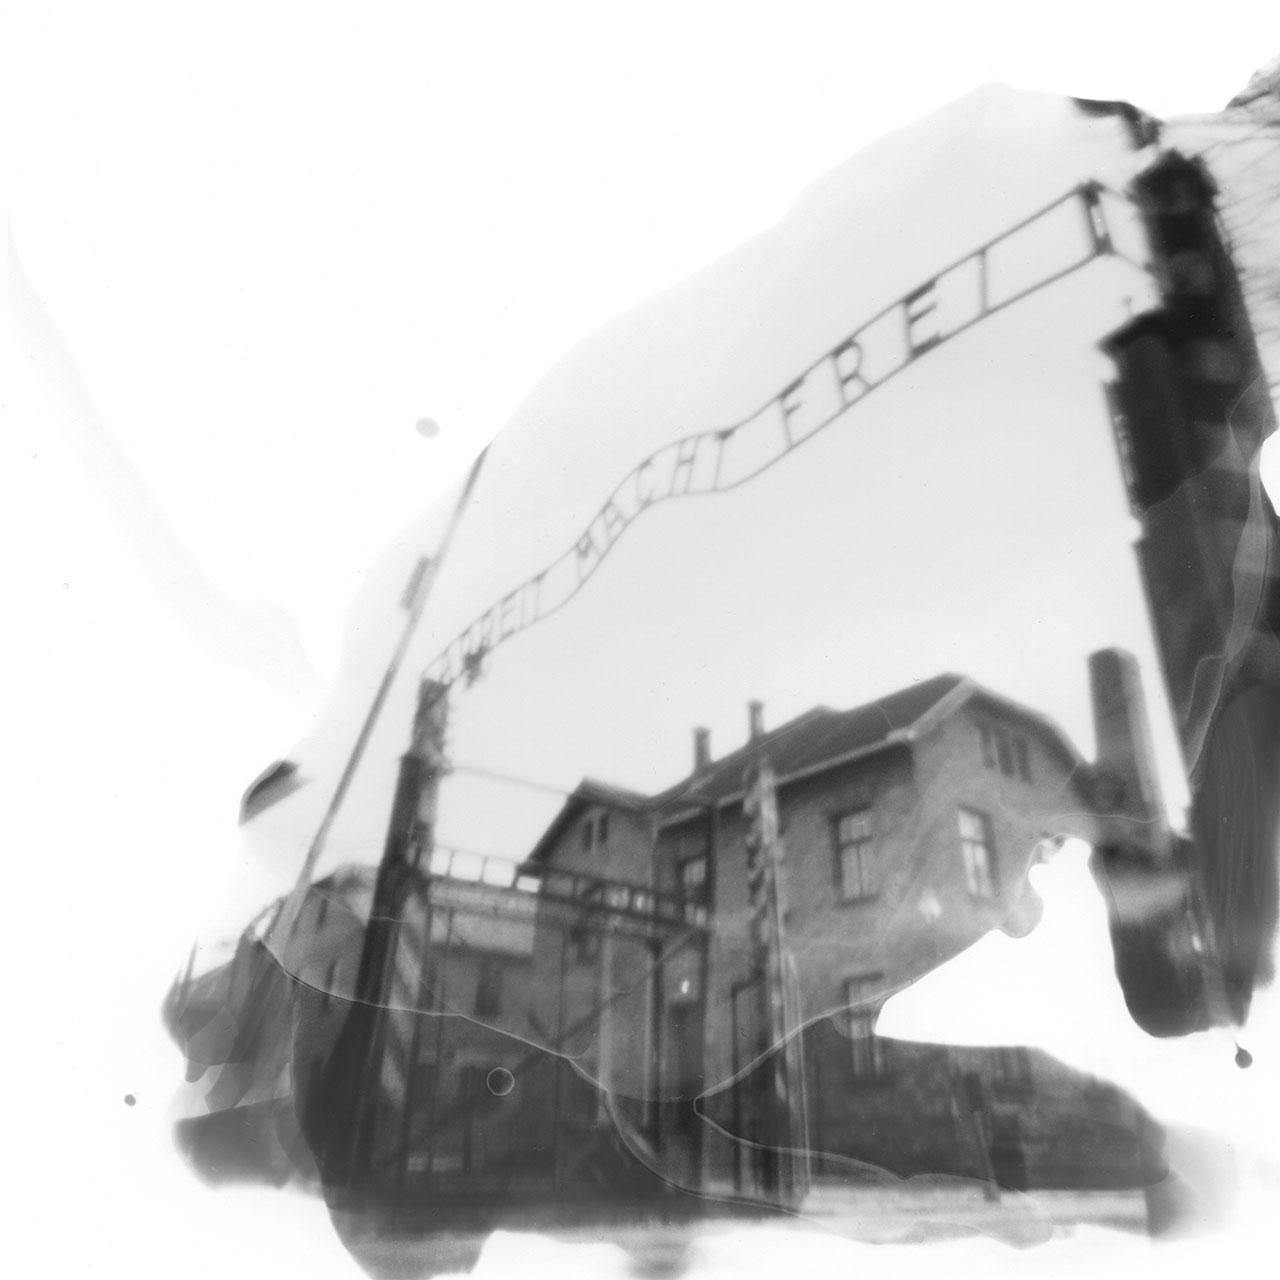 Matthias_HAGEMANN_Arbeit_macht_frei